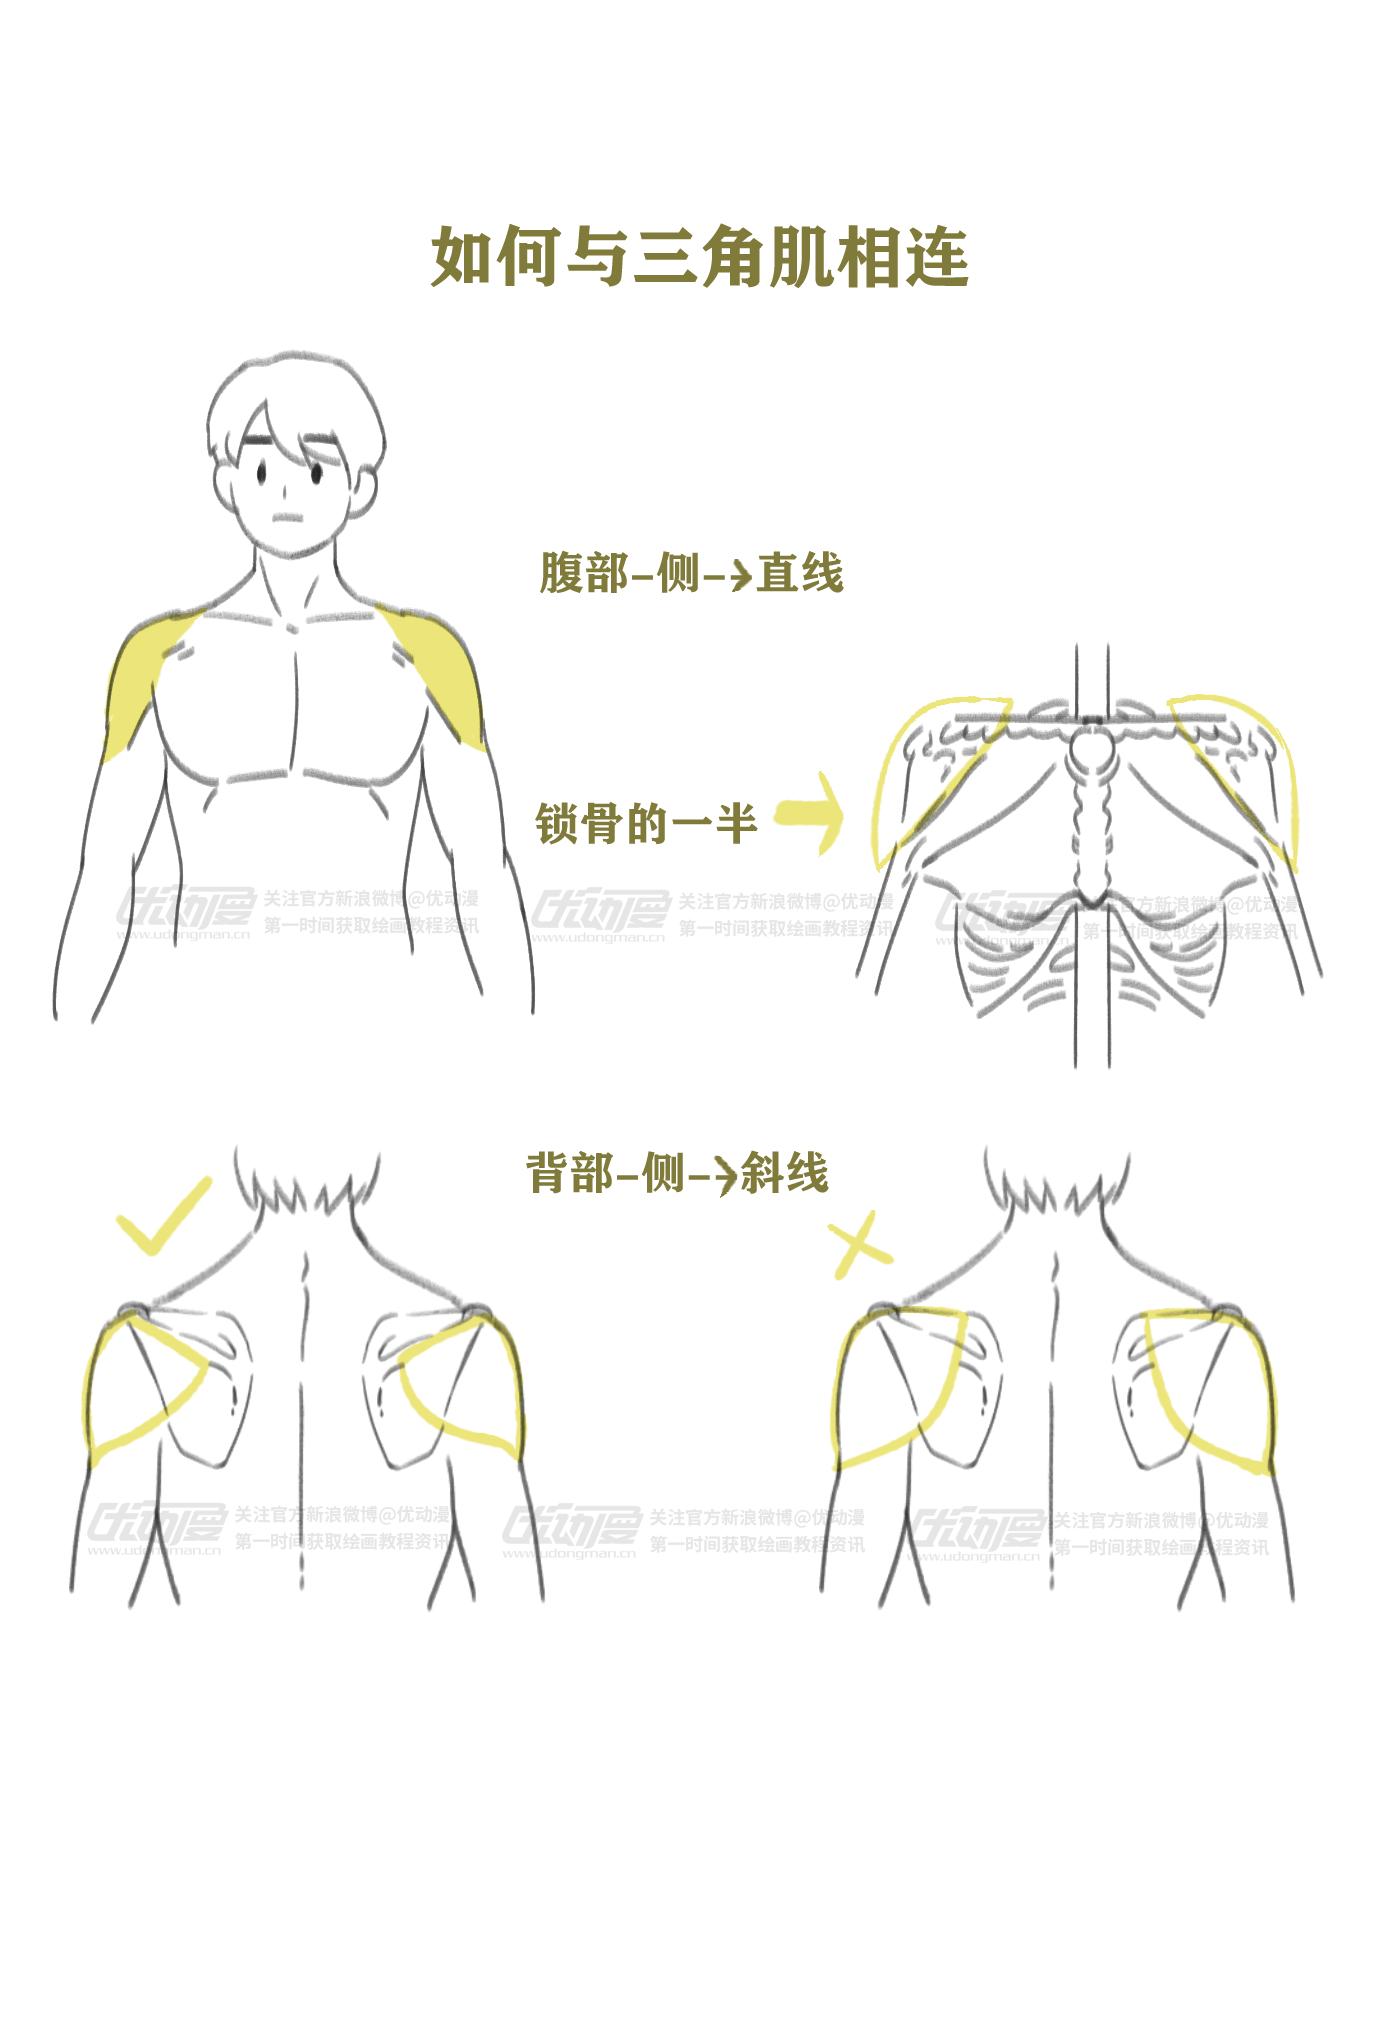 肌肉的绘制教程3.png